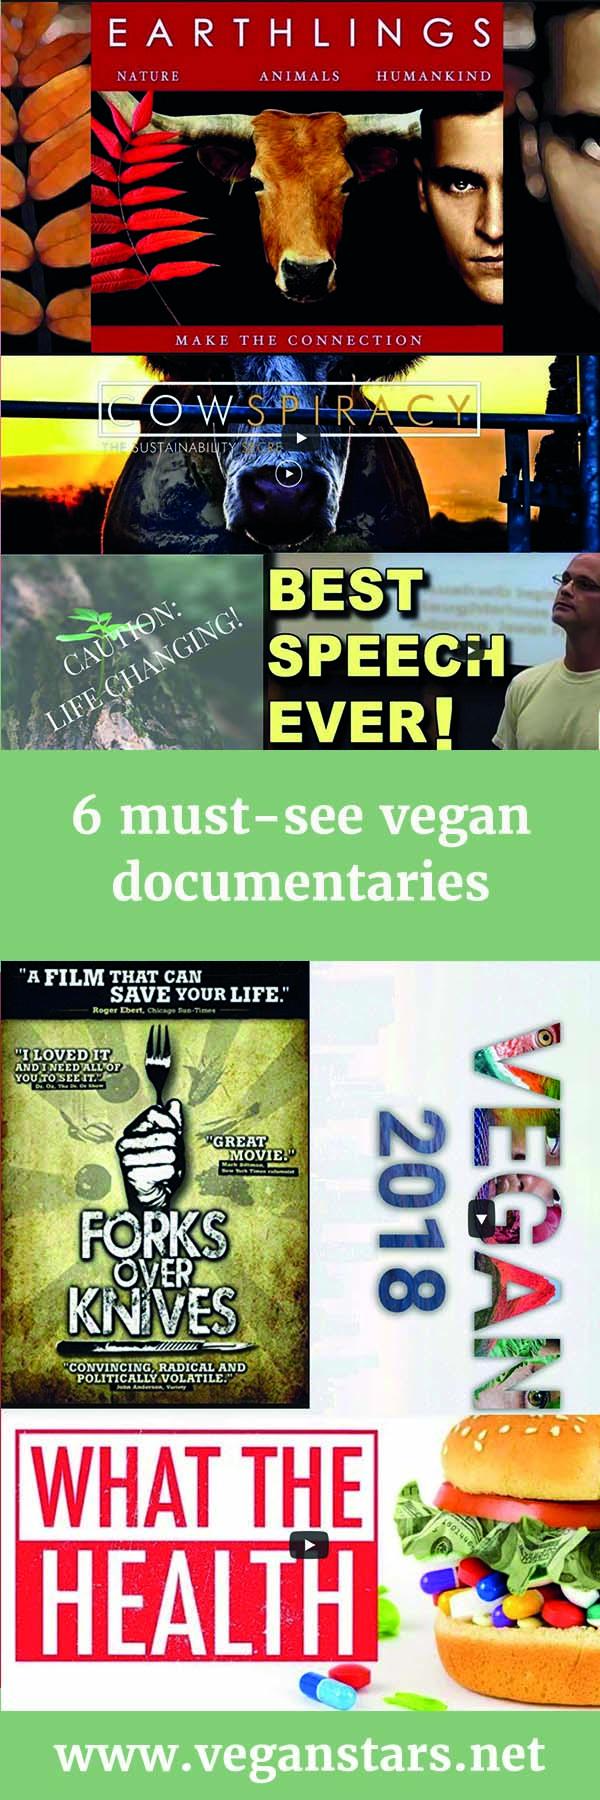 6 must-see vegan documentaries